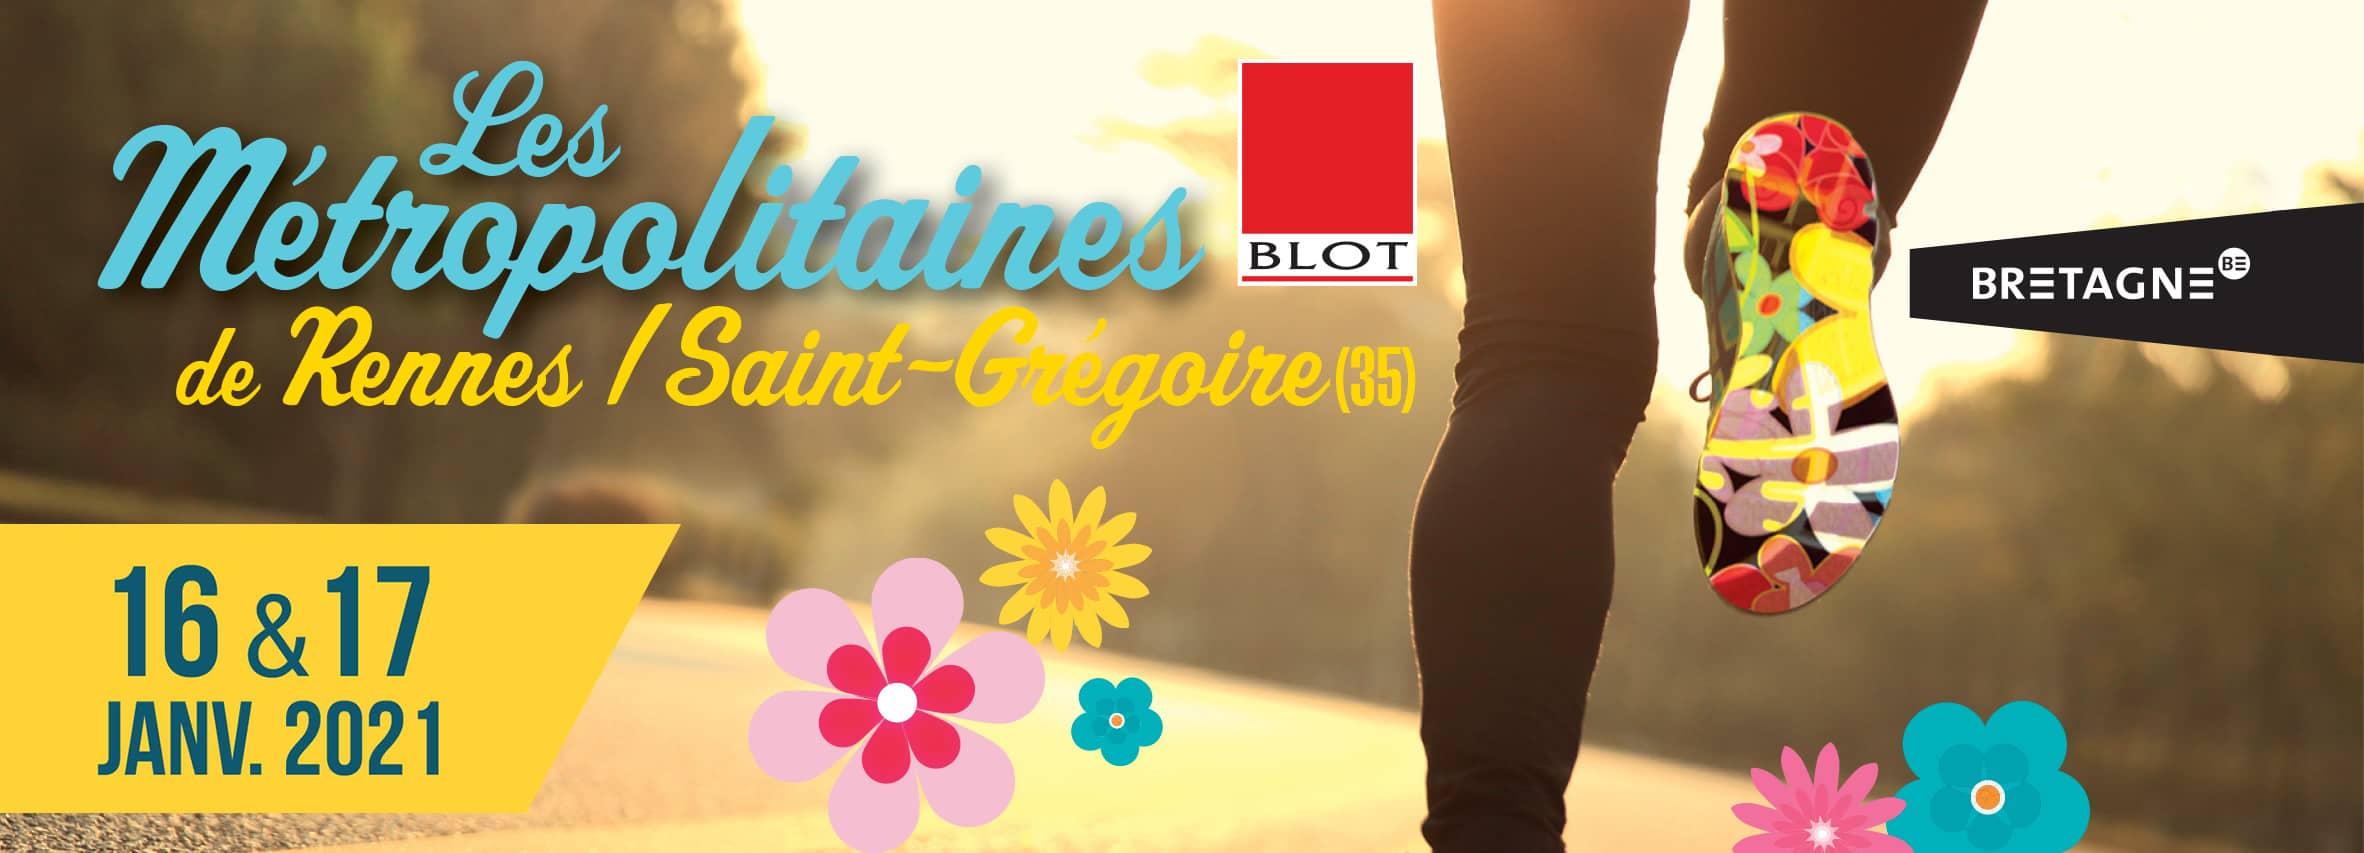 Calendrier Course à Pied Bretagne 2021 Les Métropolitaines Course à pied à St Grégoire, Rennes, Bretagne